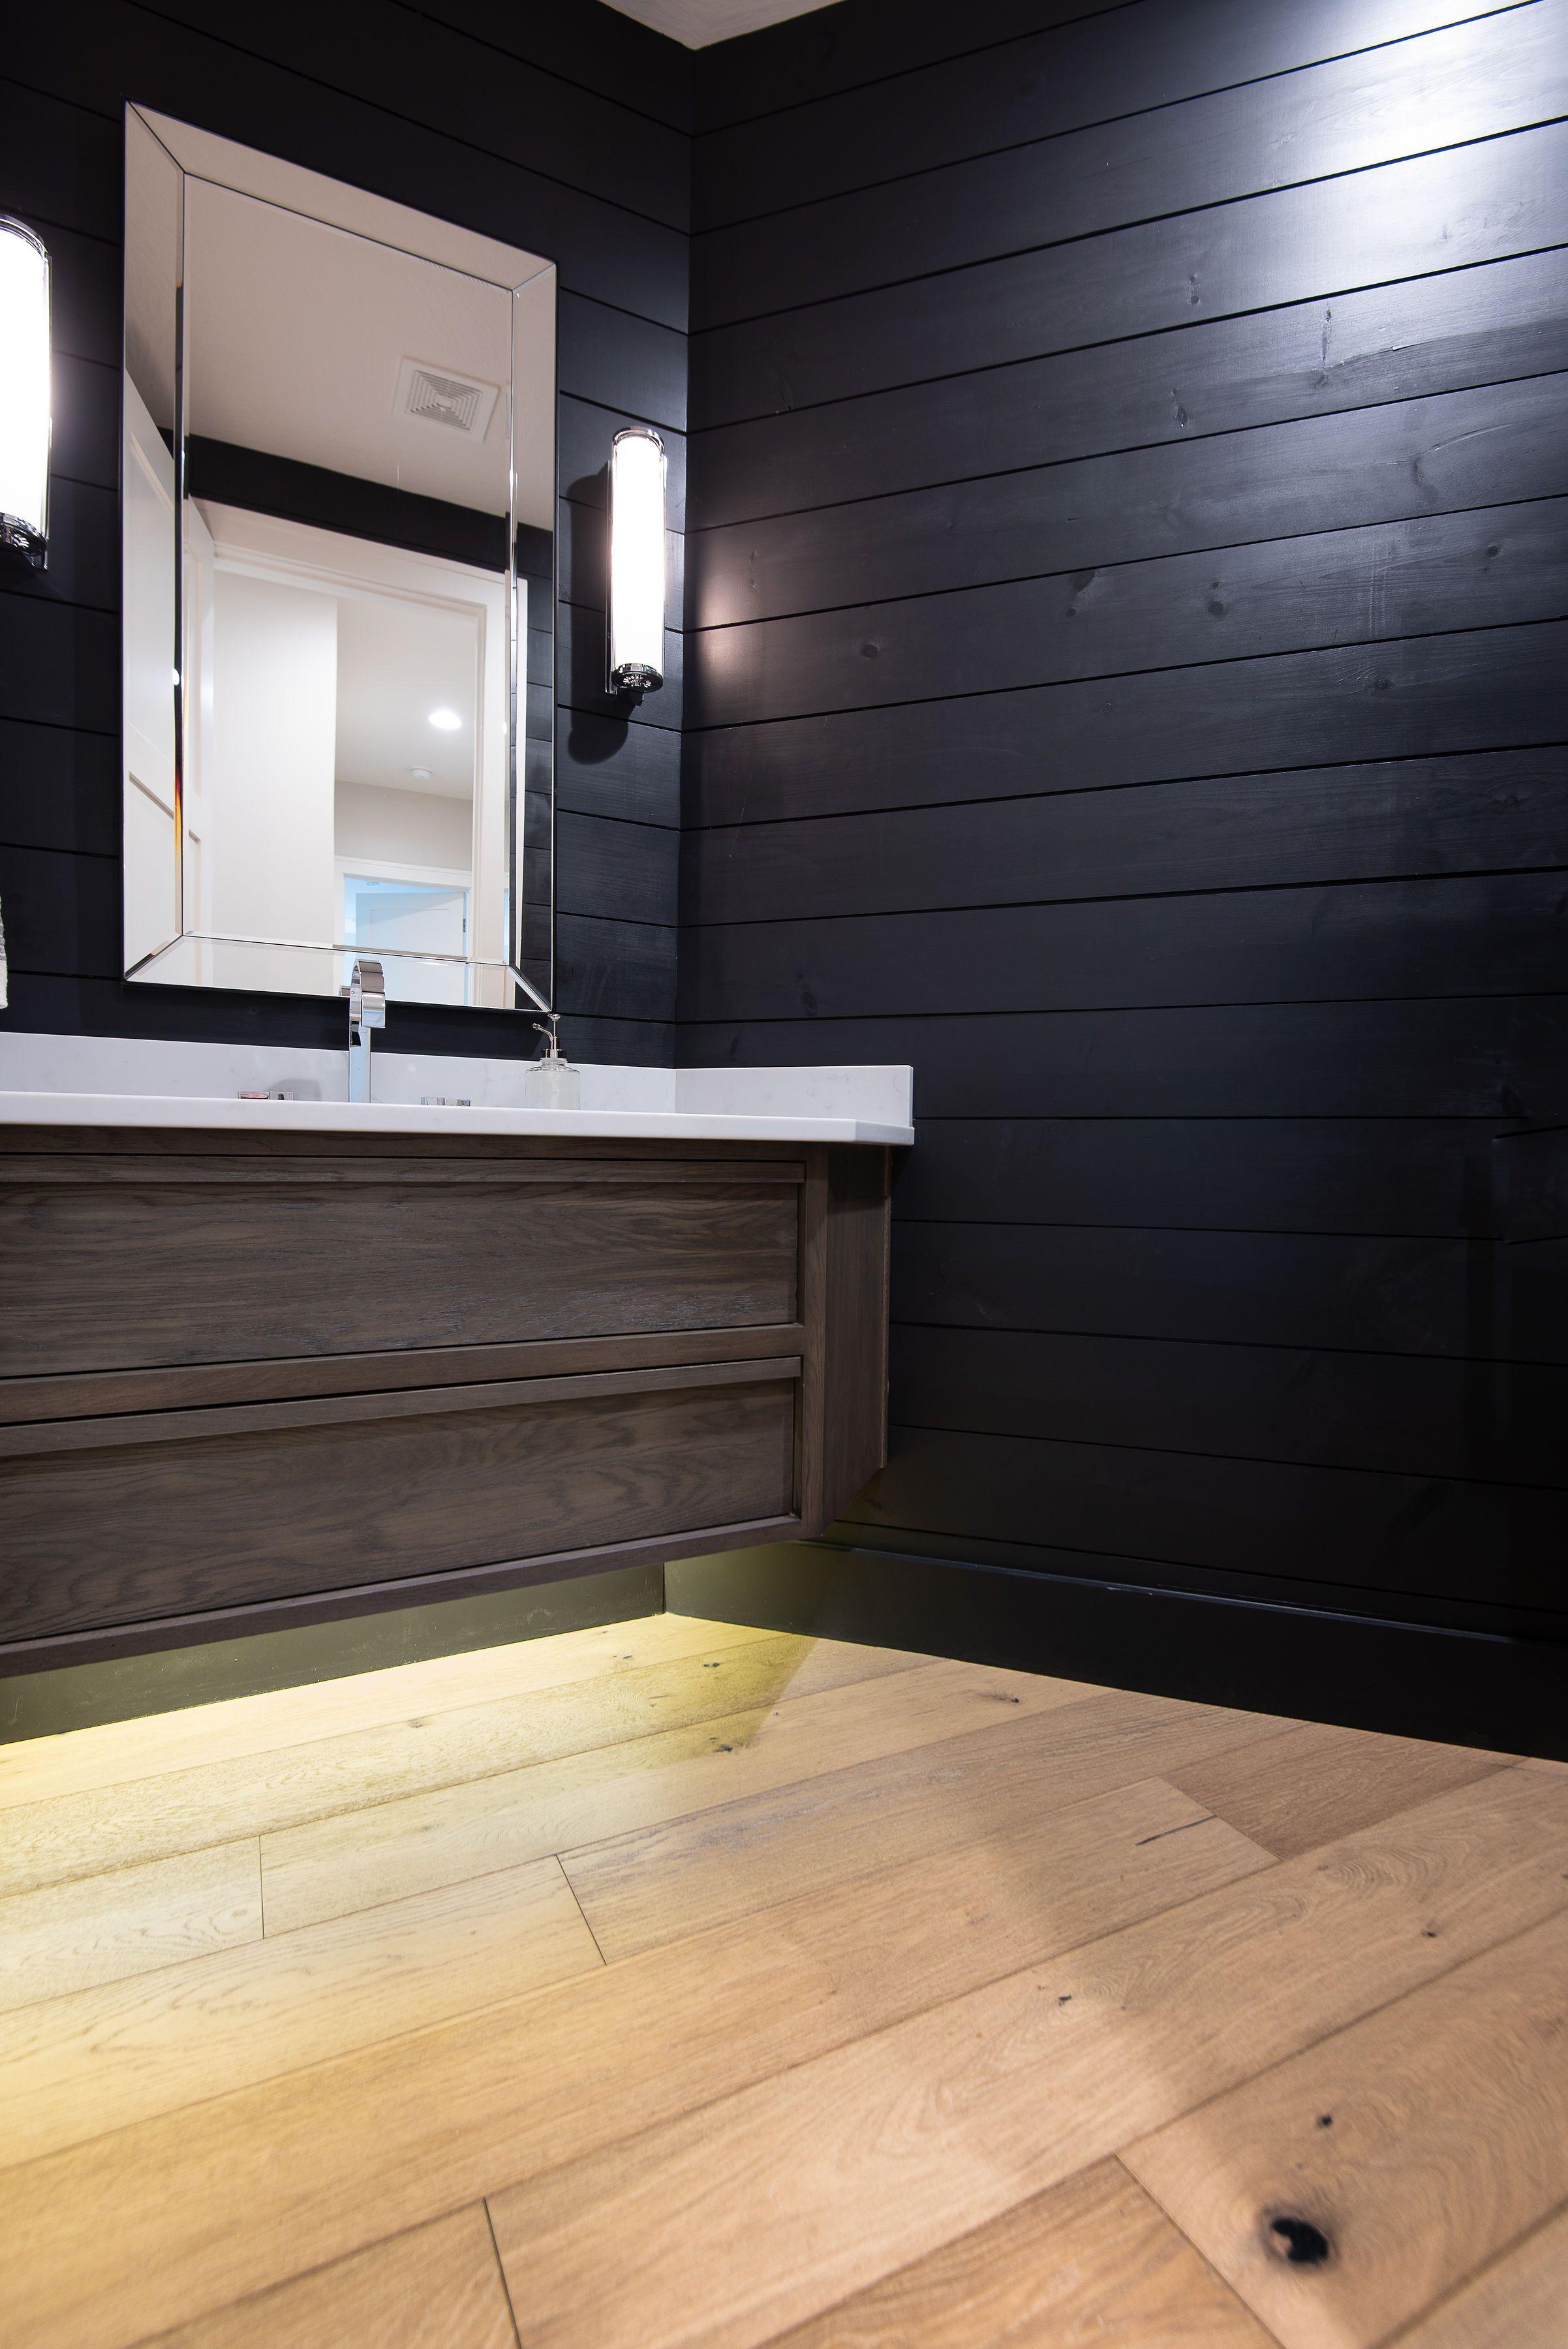 hardwoodinbathroom engineeredhardwood floatingvanity